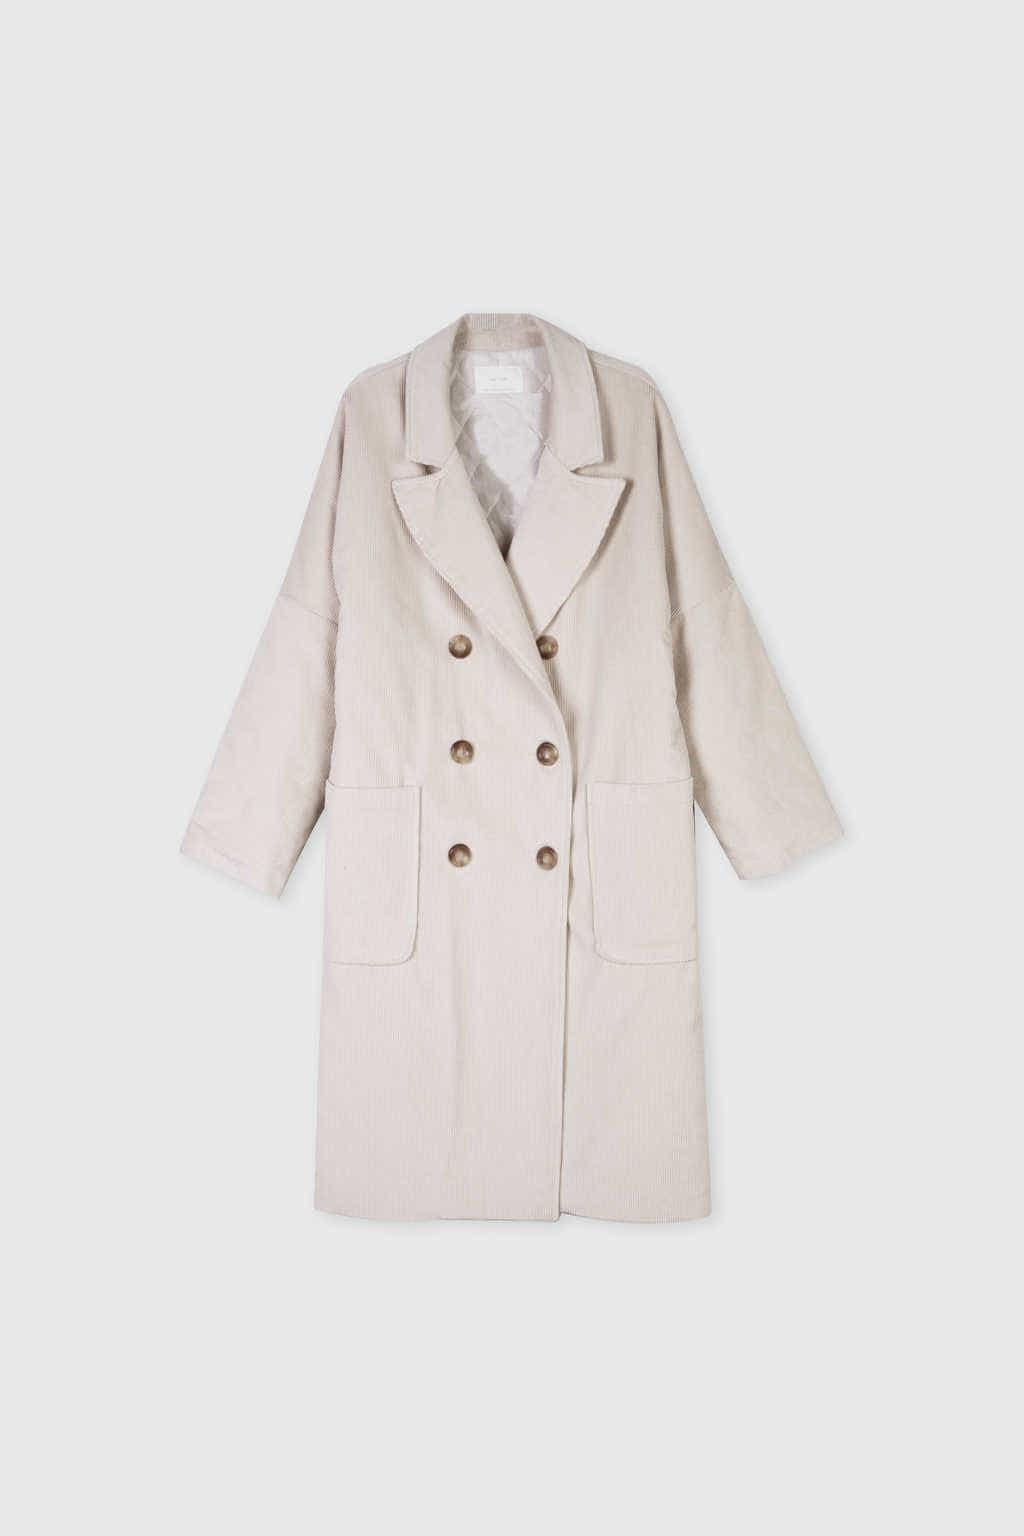 Coat J004 Cream 7